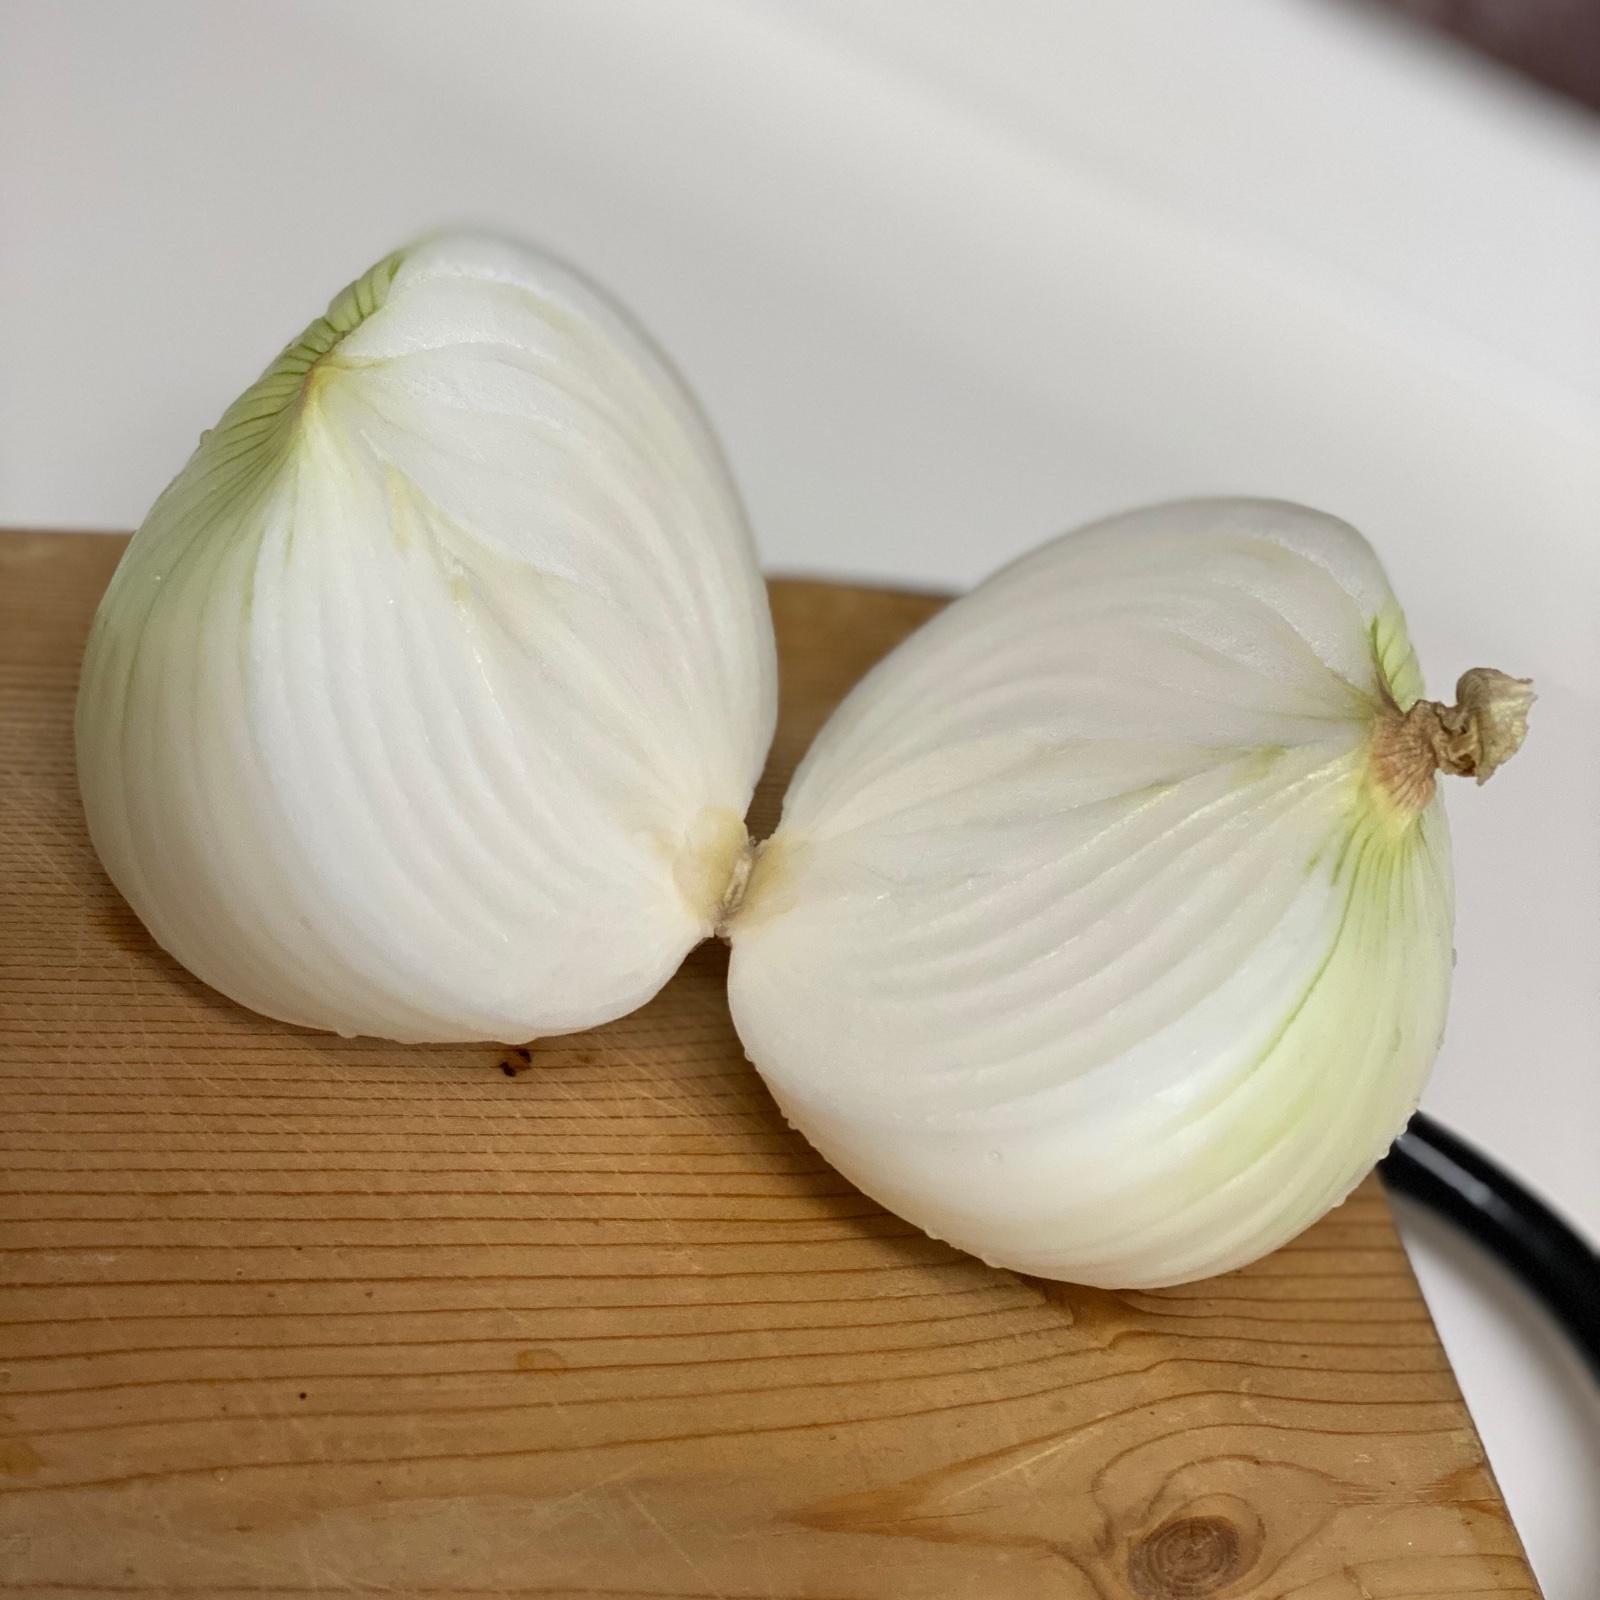 訳あり玉ねぎ 2Lサイズ 10kg 野菜/玉ねぎ通販